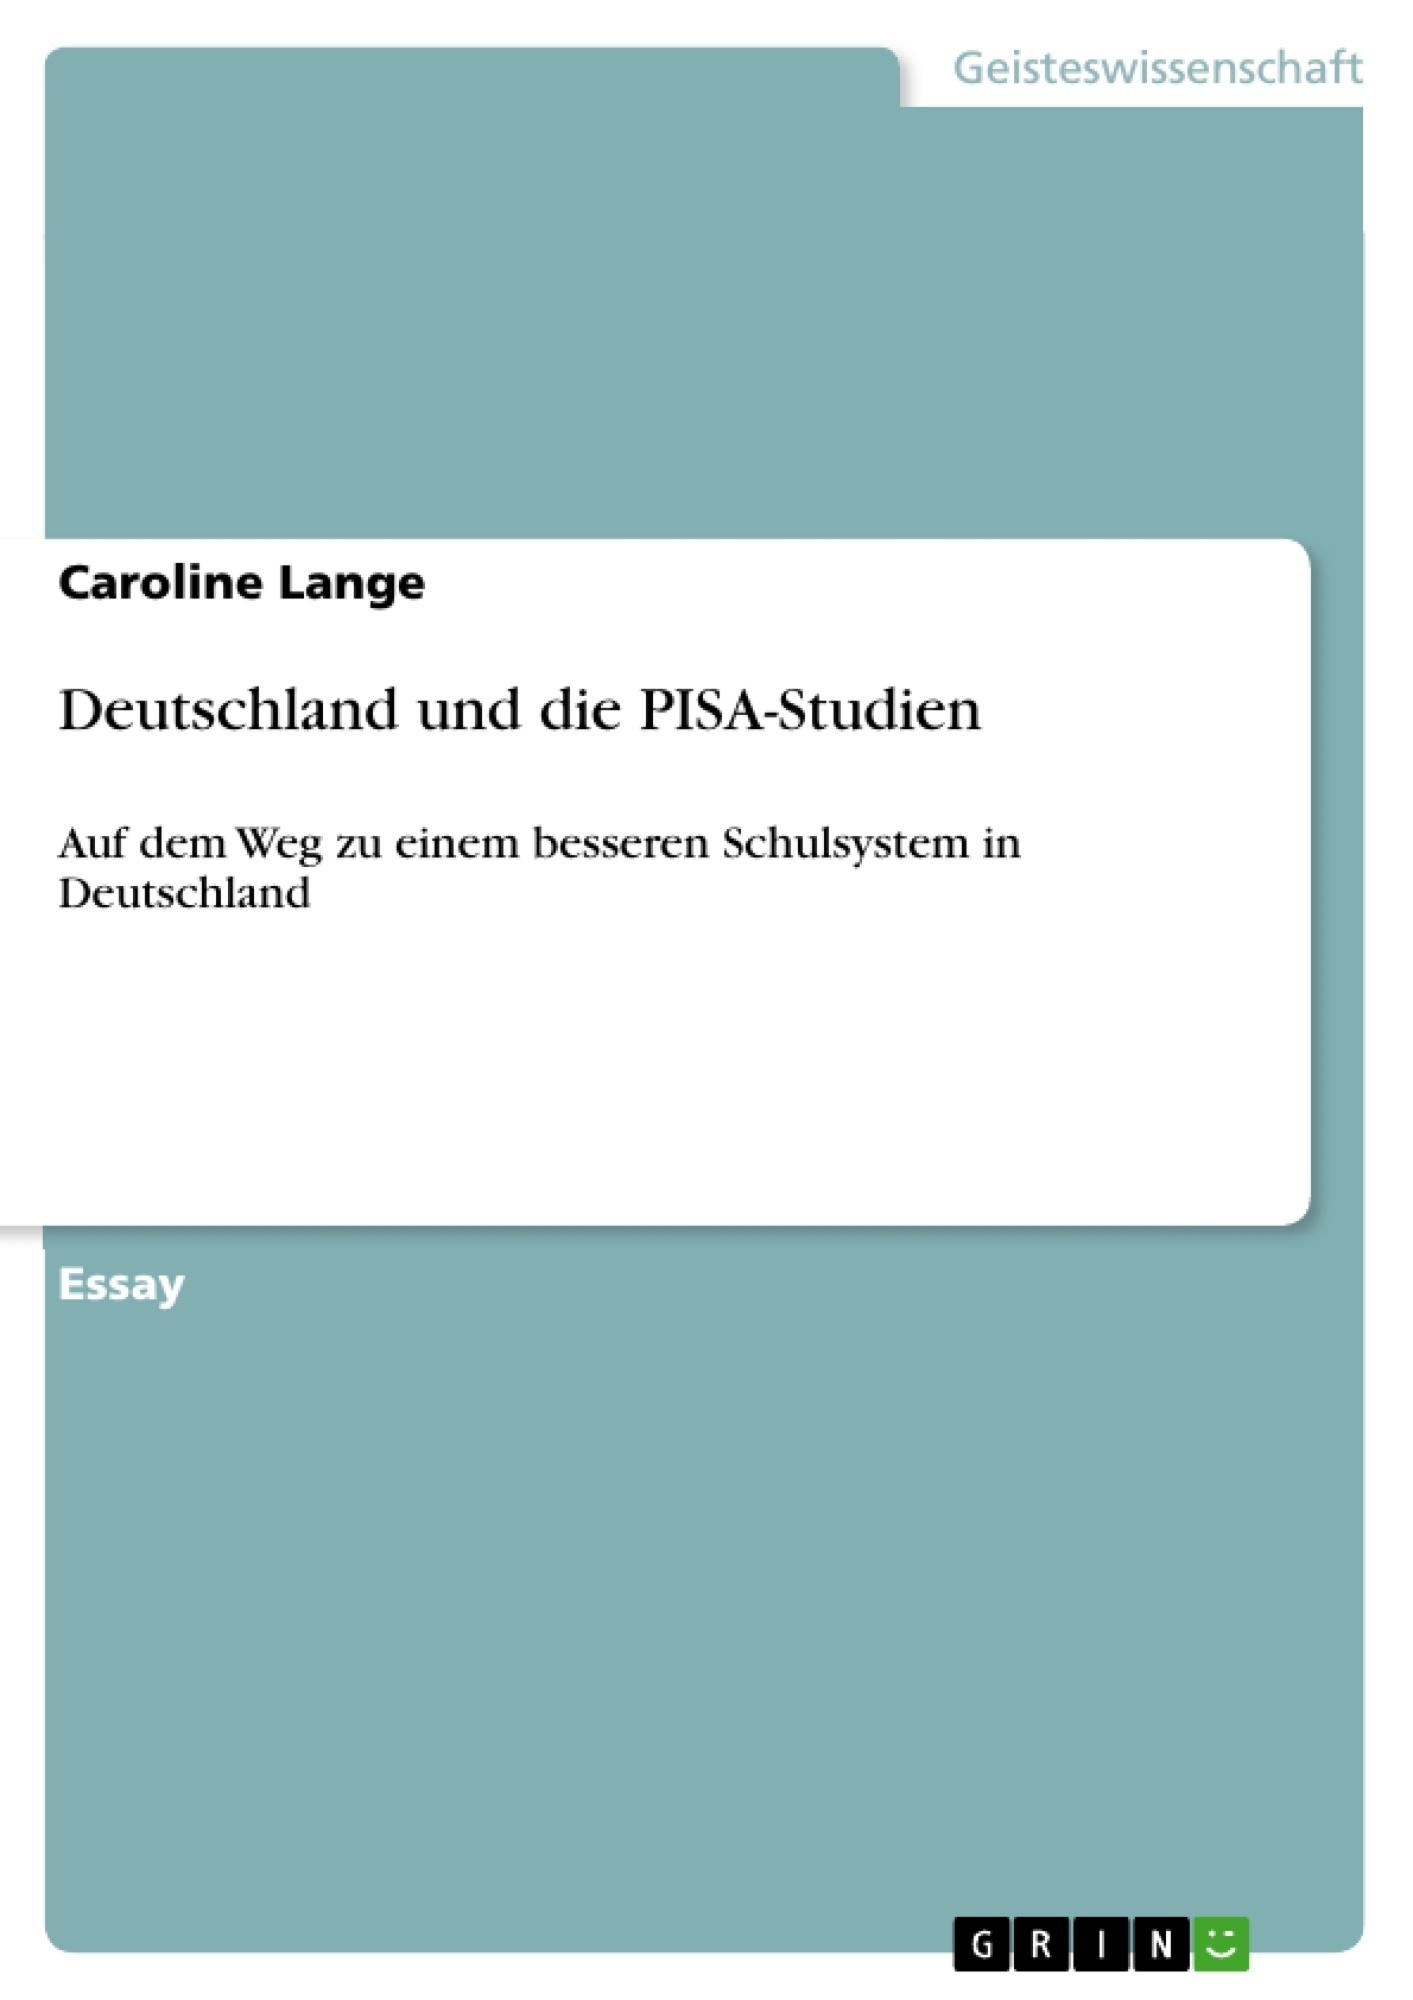 Titel: Deutschland und die PISA-Studien